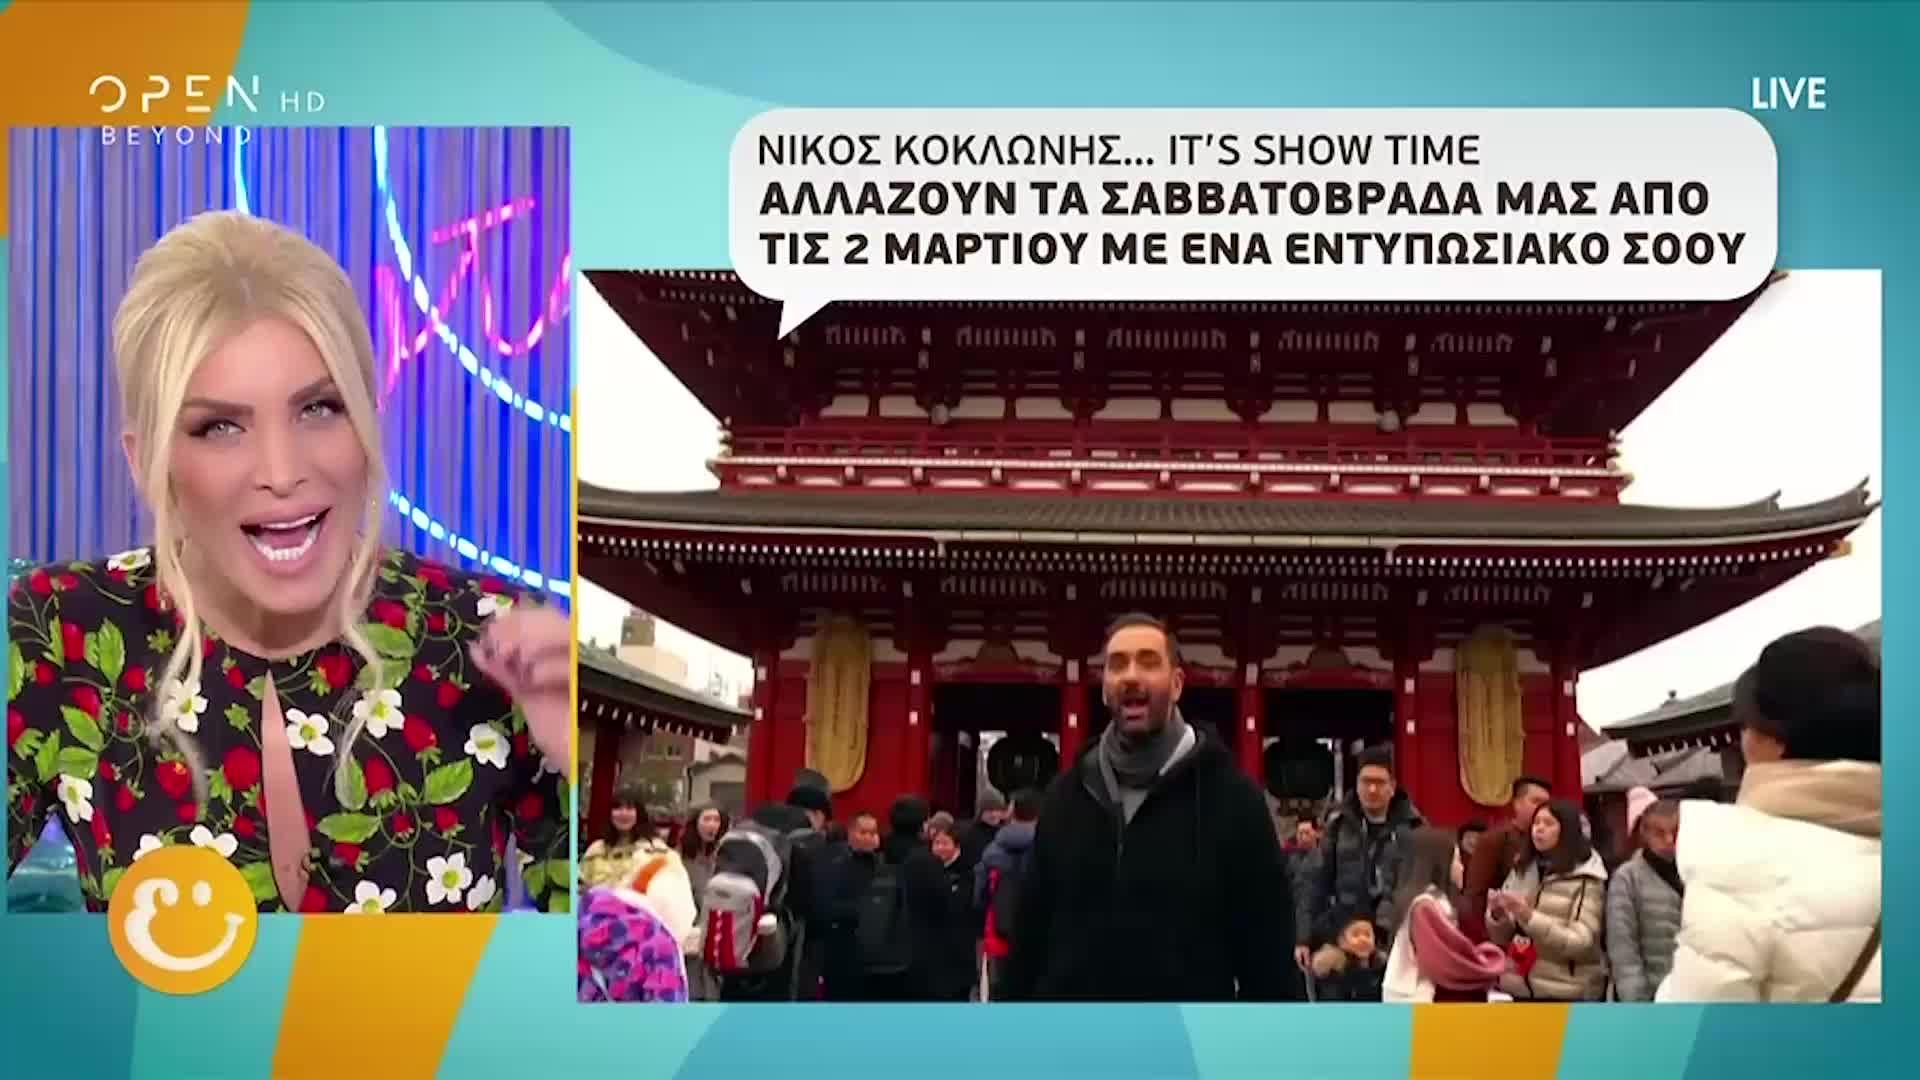 Νίκος Κοκλώνης: Ανακοίνωσε το νέο show με καλεσμένη την Πάμελα Άντερσον